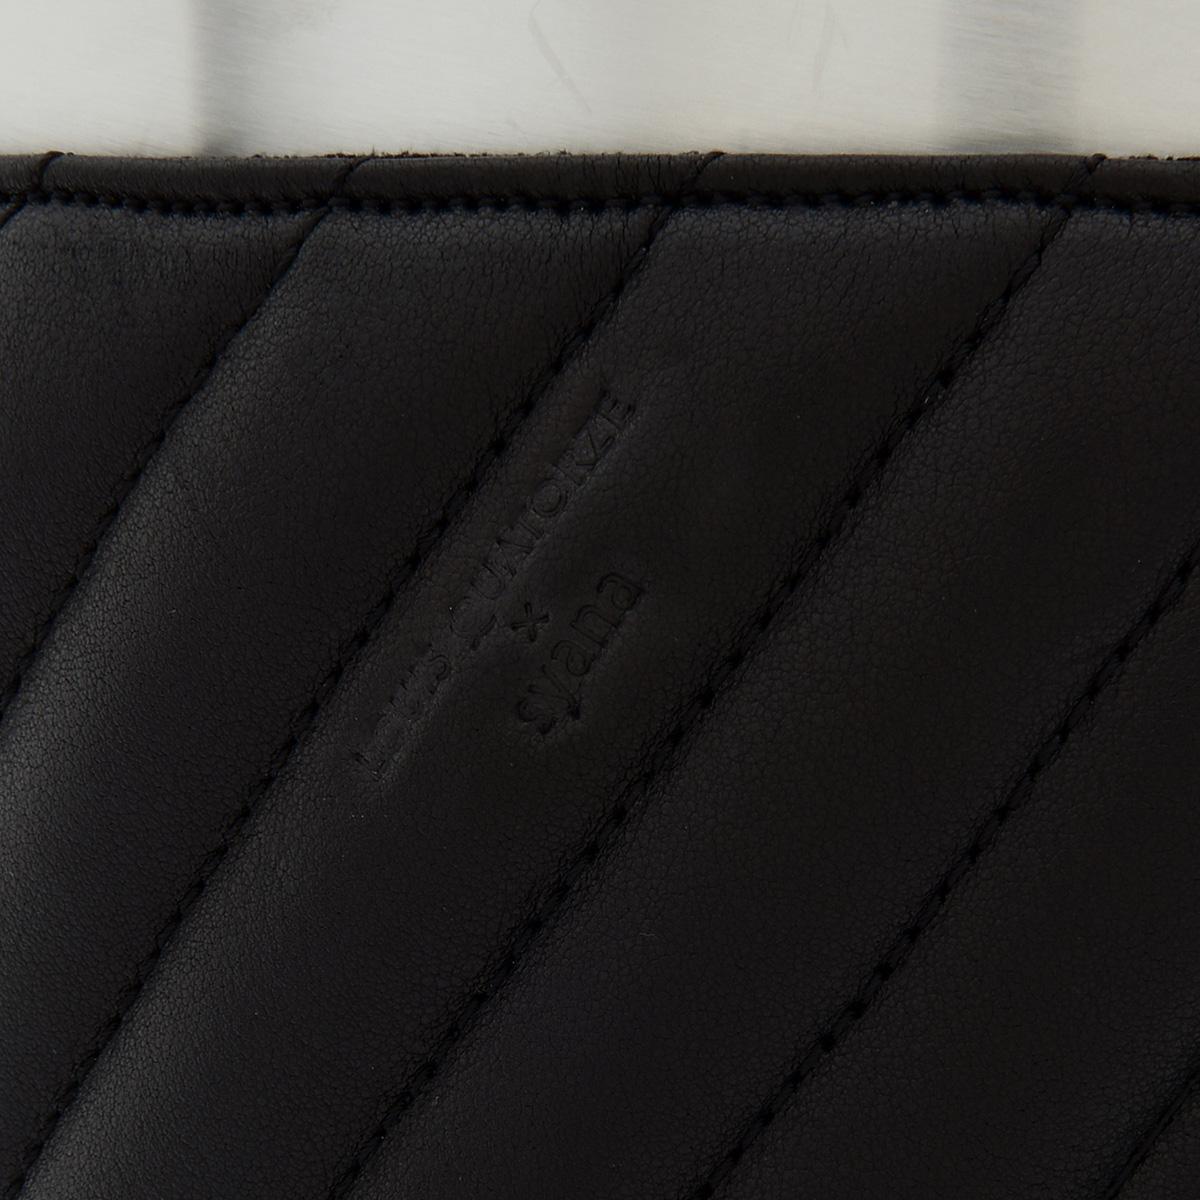 루이까또즈 X 시아나 휴지통 VM3LS48BL